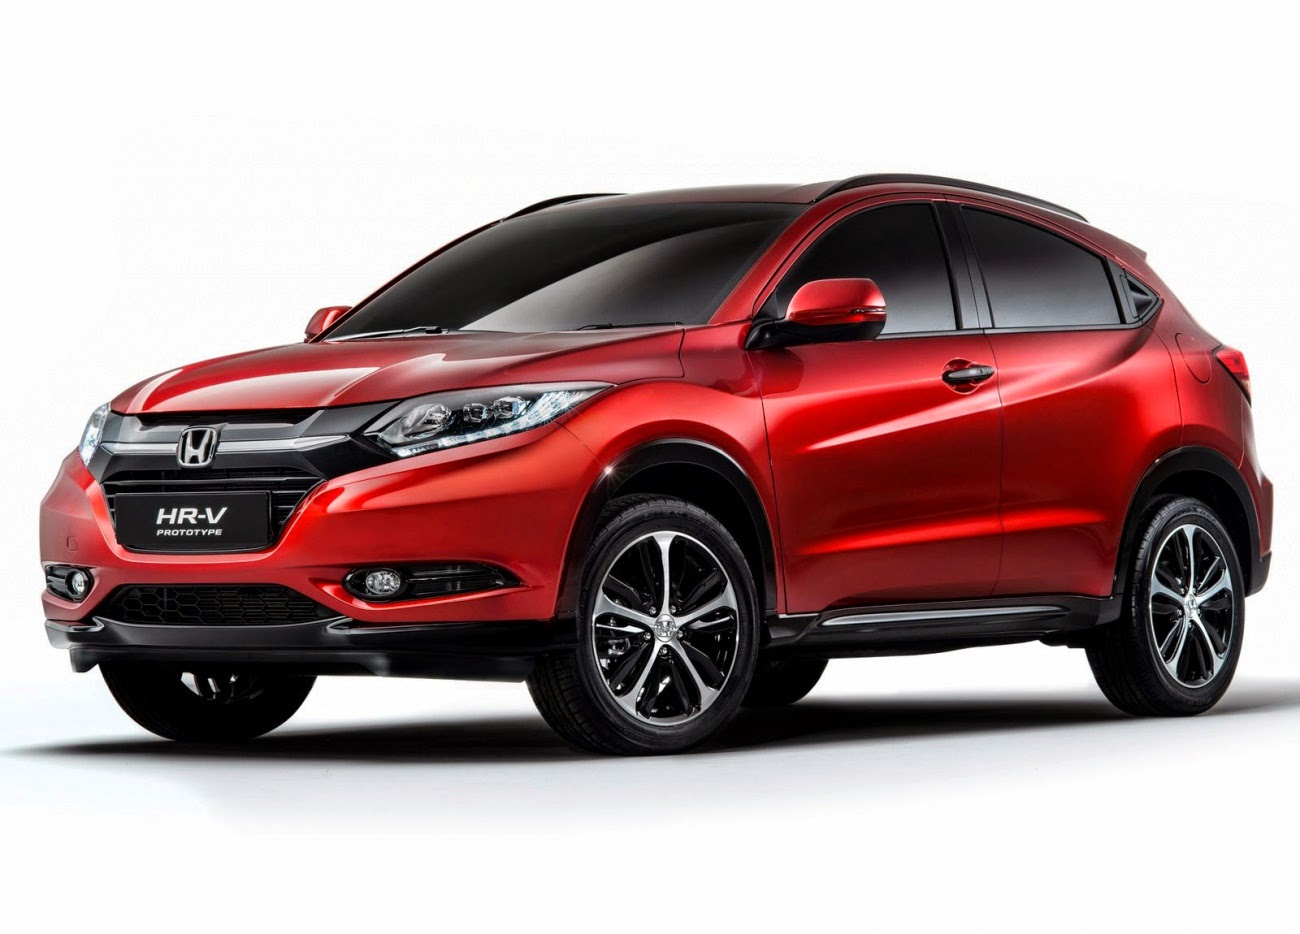 Foto Honda HR-V dari samping